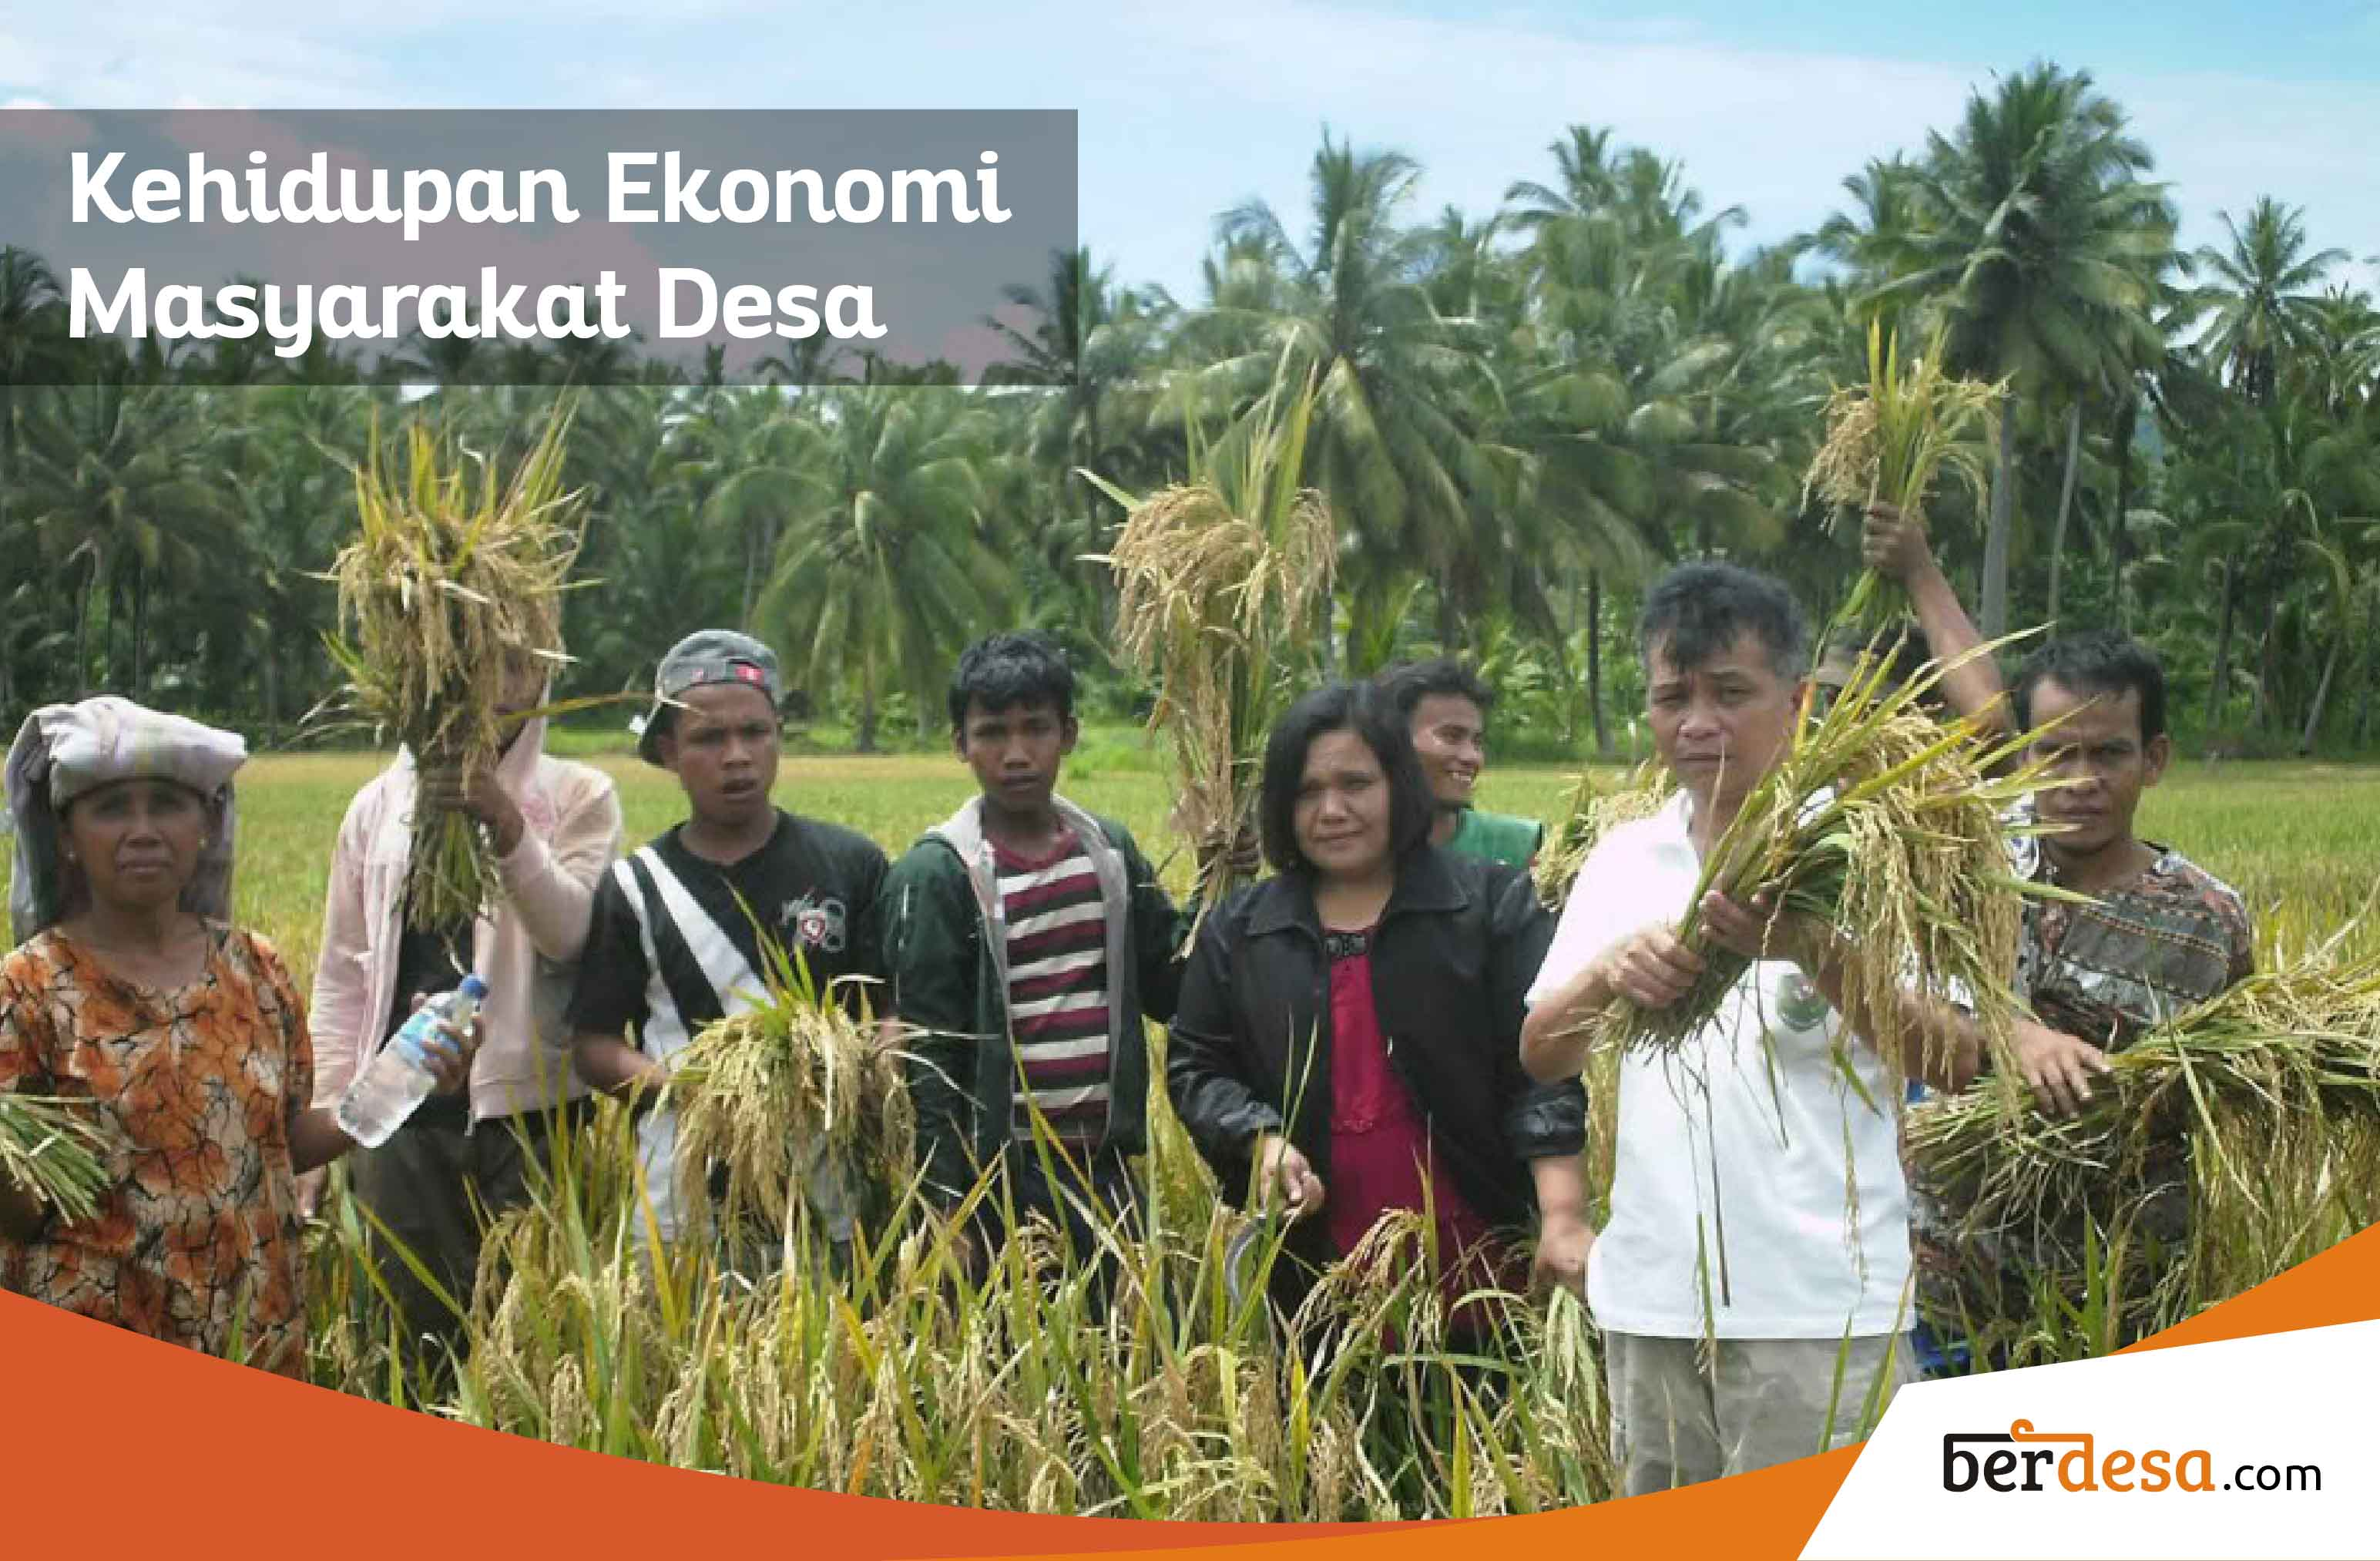 Informasi Lengkap Seputar Ekonomi Masyarakat Desa – Berdesa